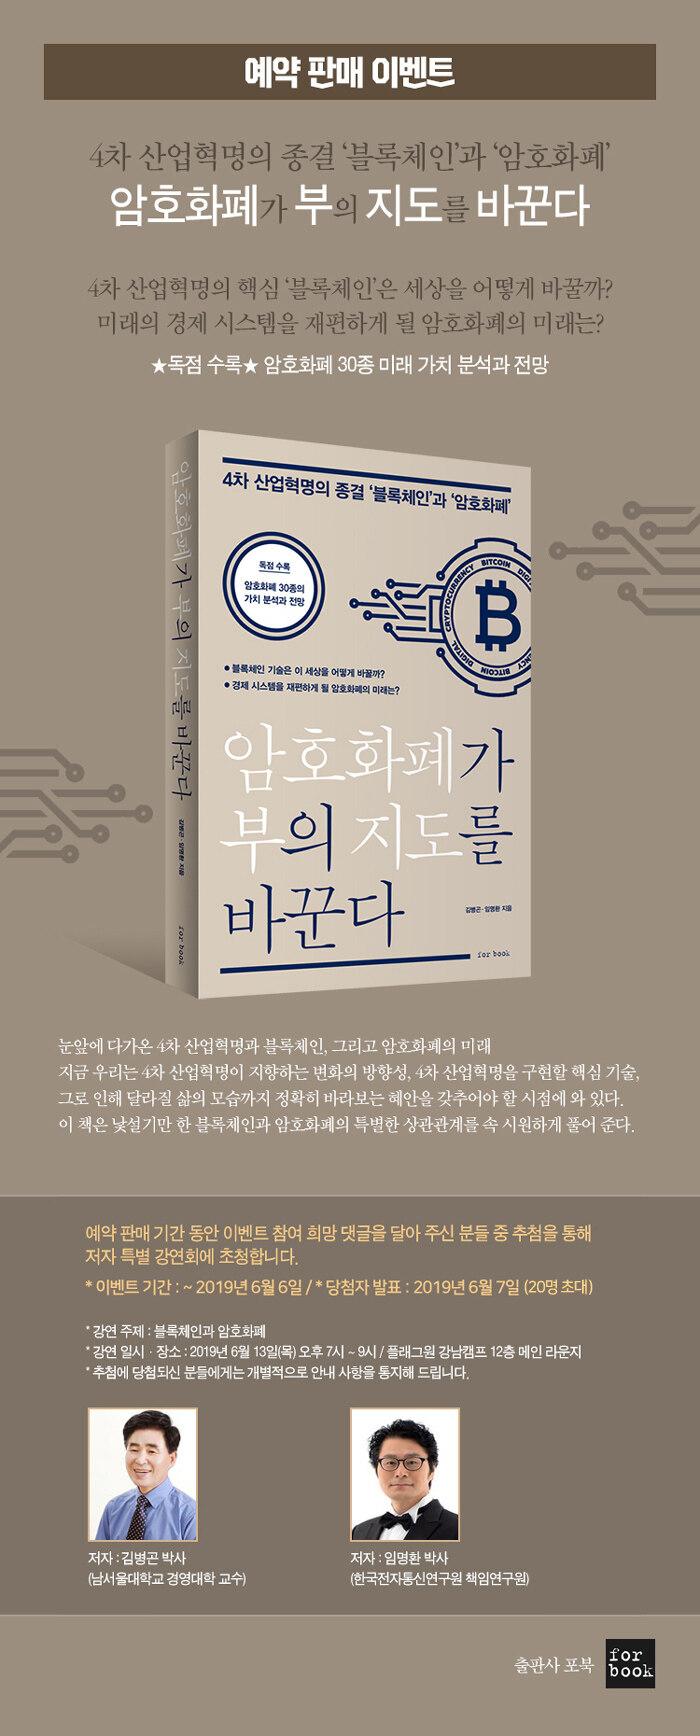 <암호화폐가 부의 지도를 바꾼다> 저자 강연회